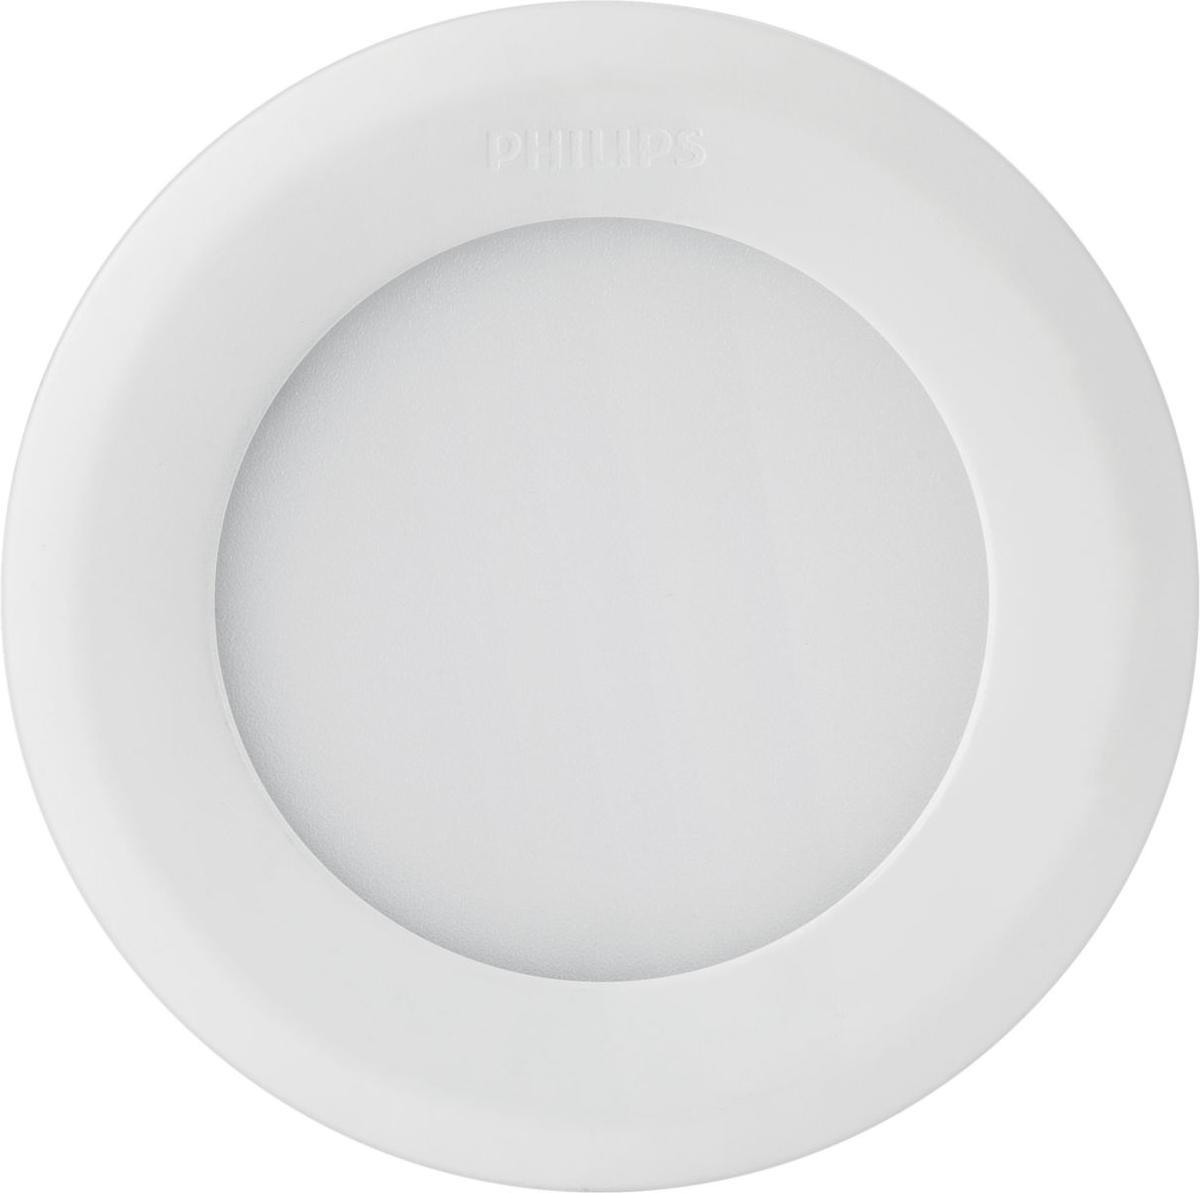 Philips LED deckenbeleuchtung Leuchte 9W Marcasite Tageslicht 59521/31/P3